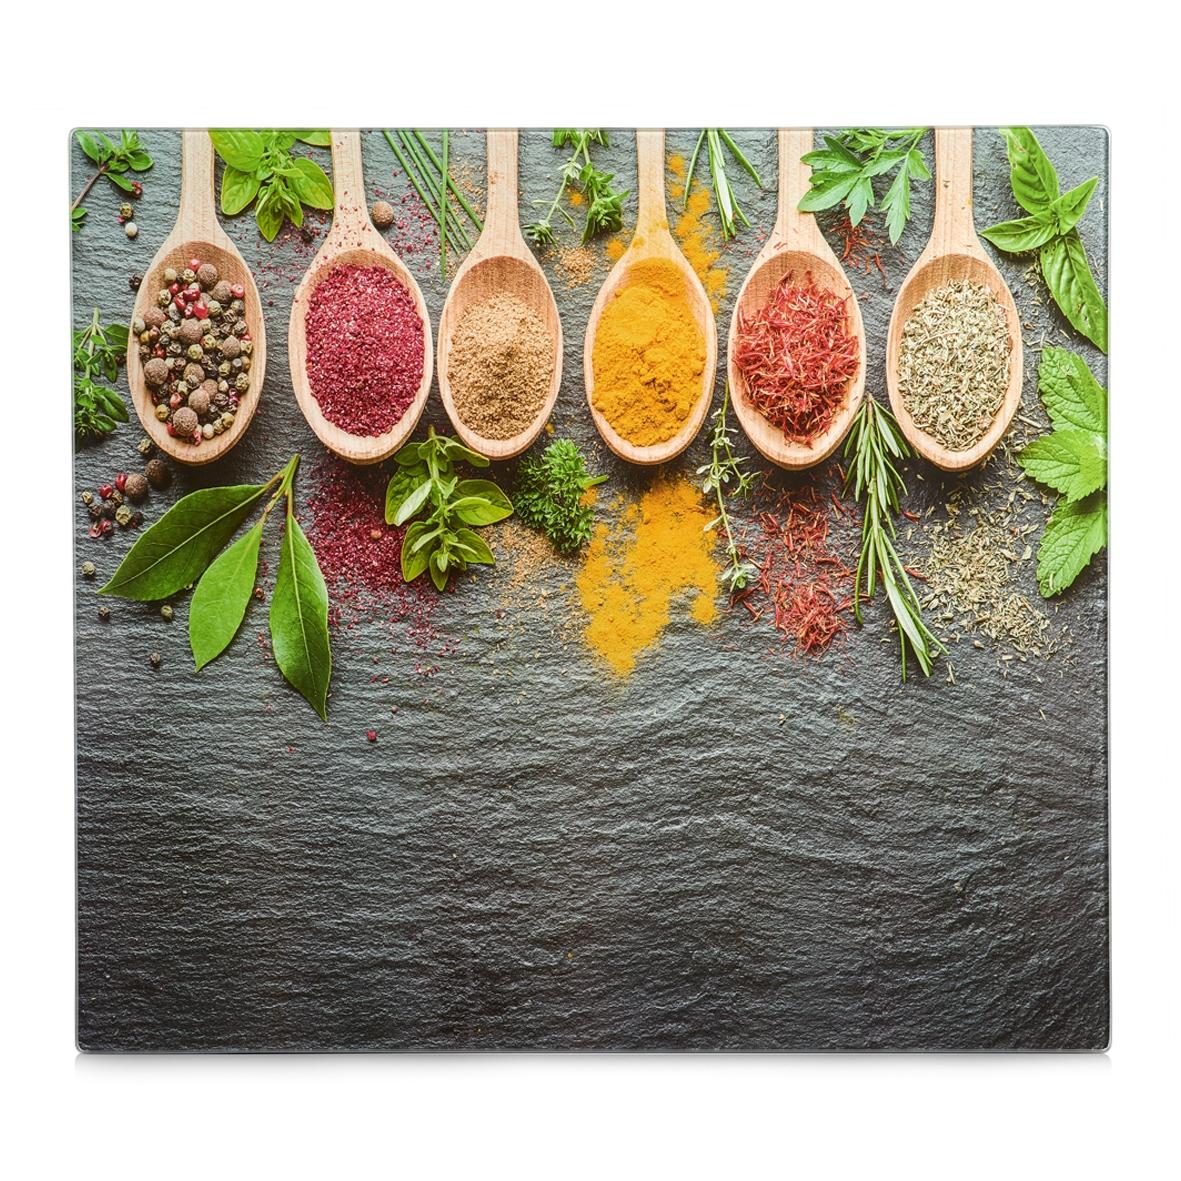 Placa din sticla protectie perete/plita, Spices, L56xl50 cm poza